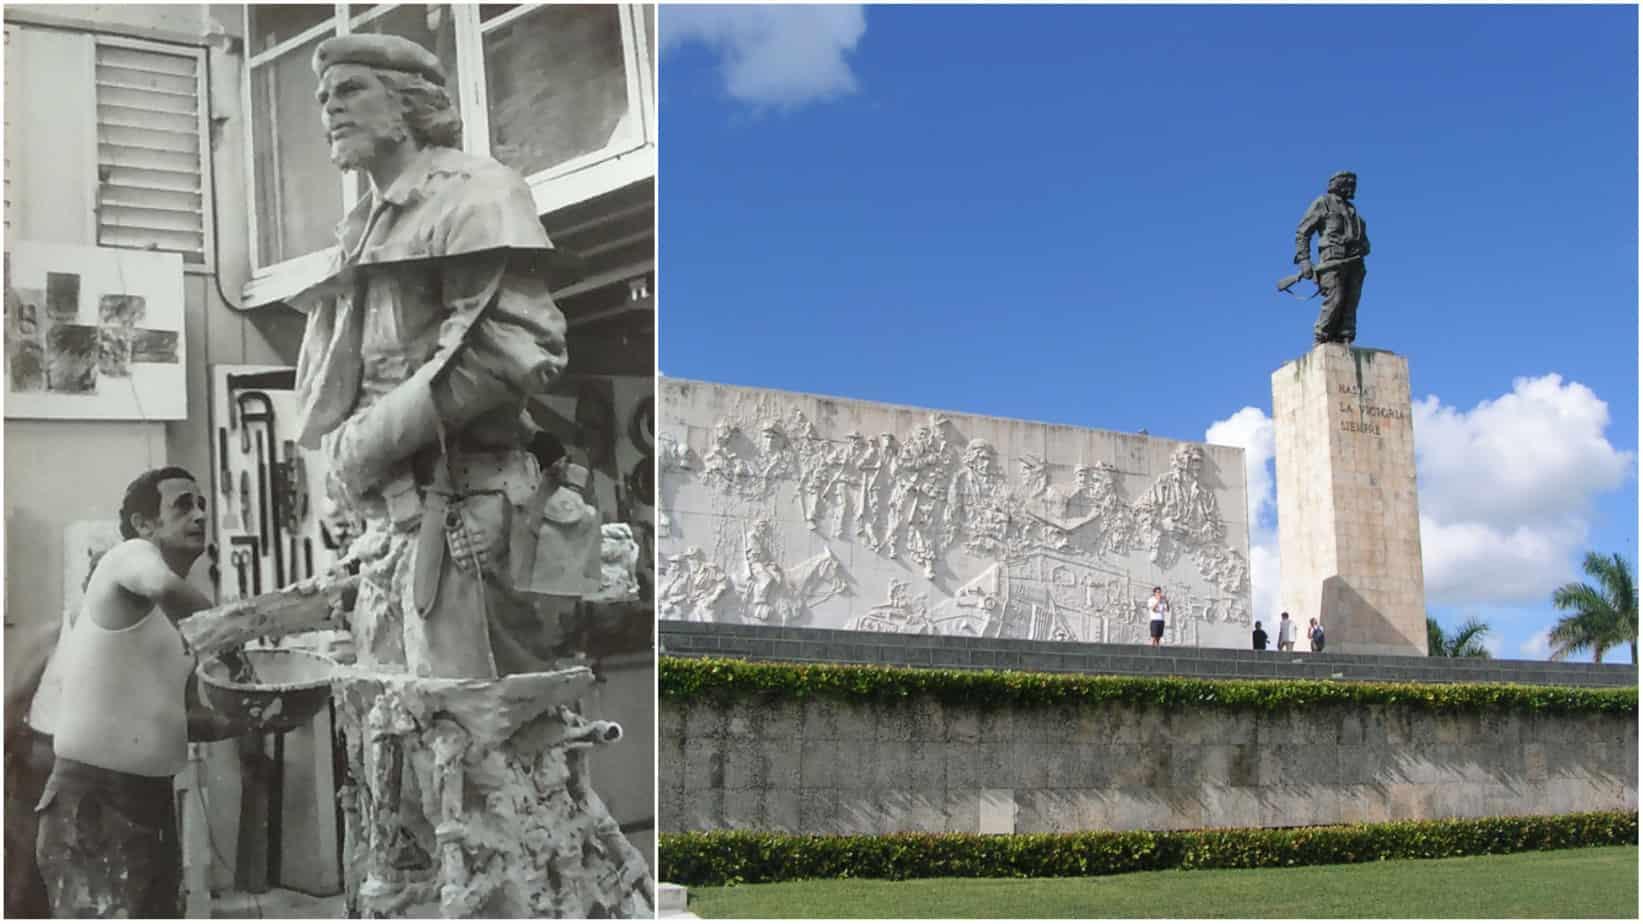 José Delarra, el autor de la escultura del Che más conocida del mundo